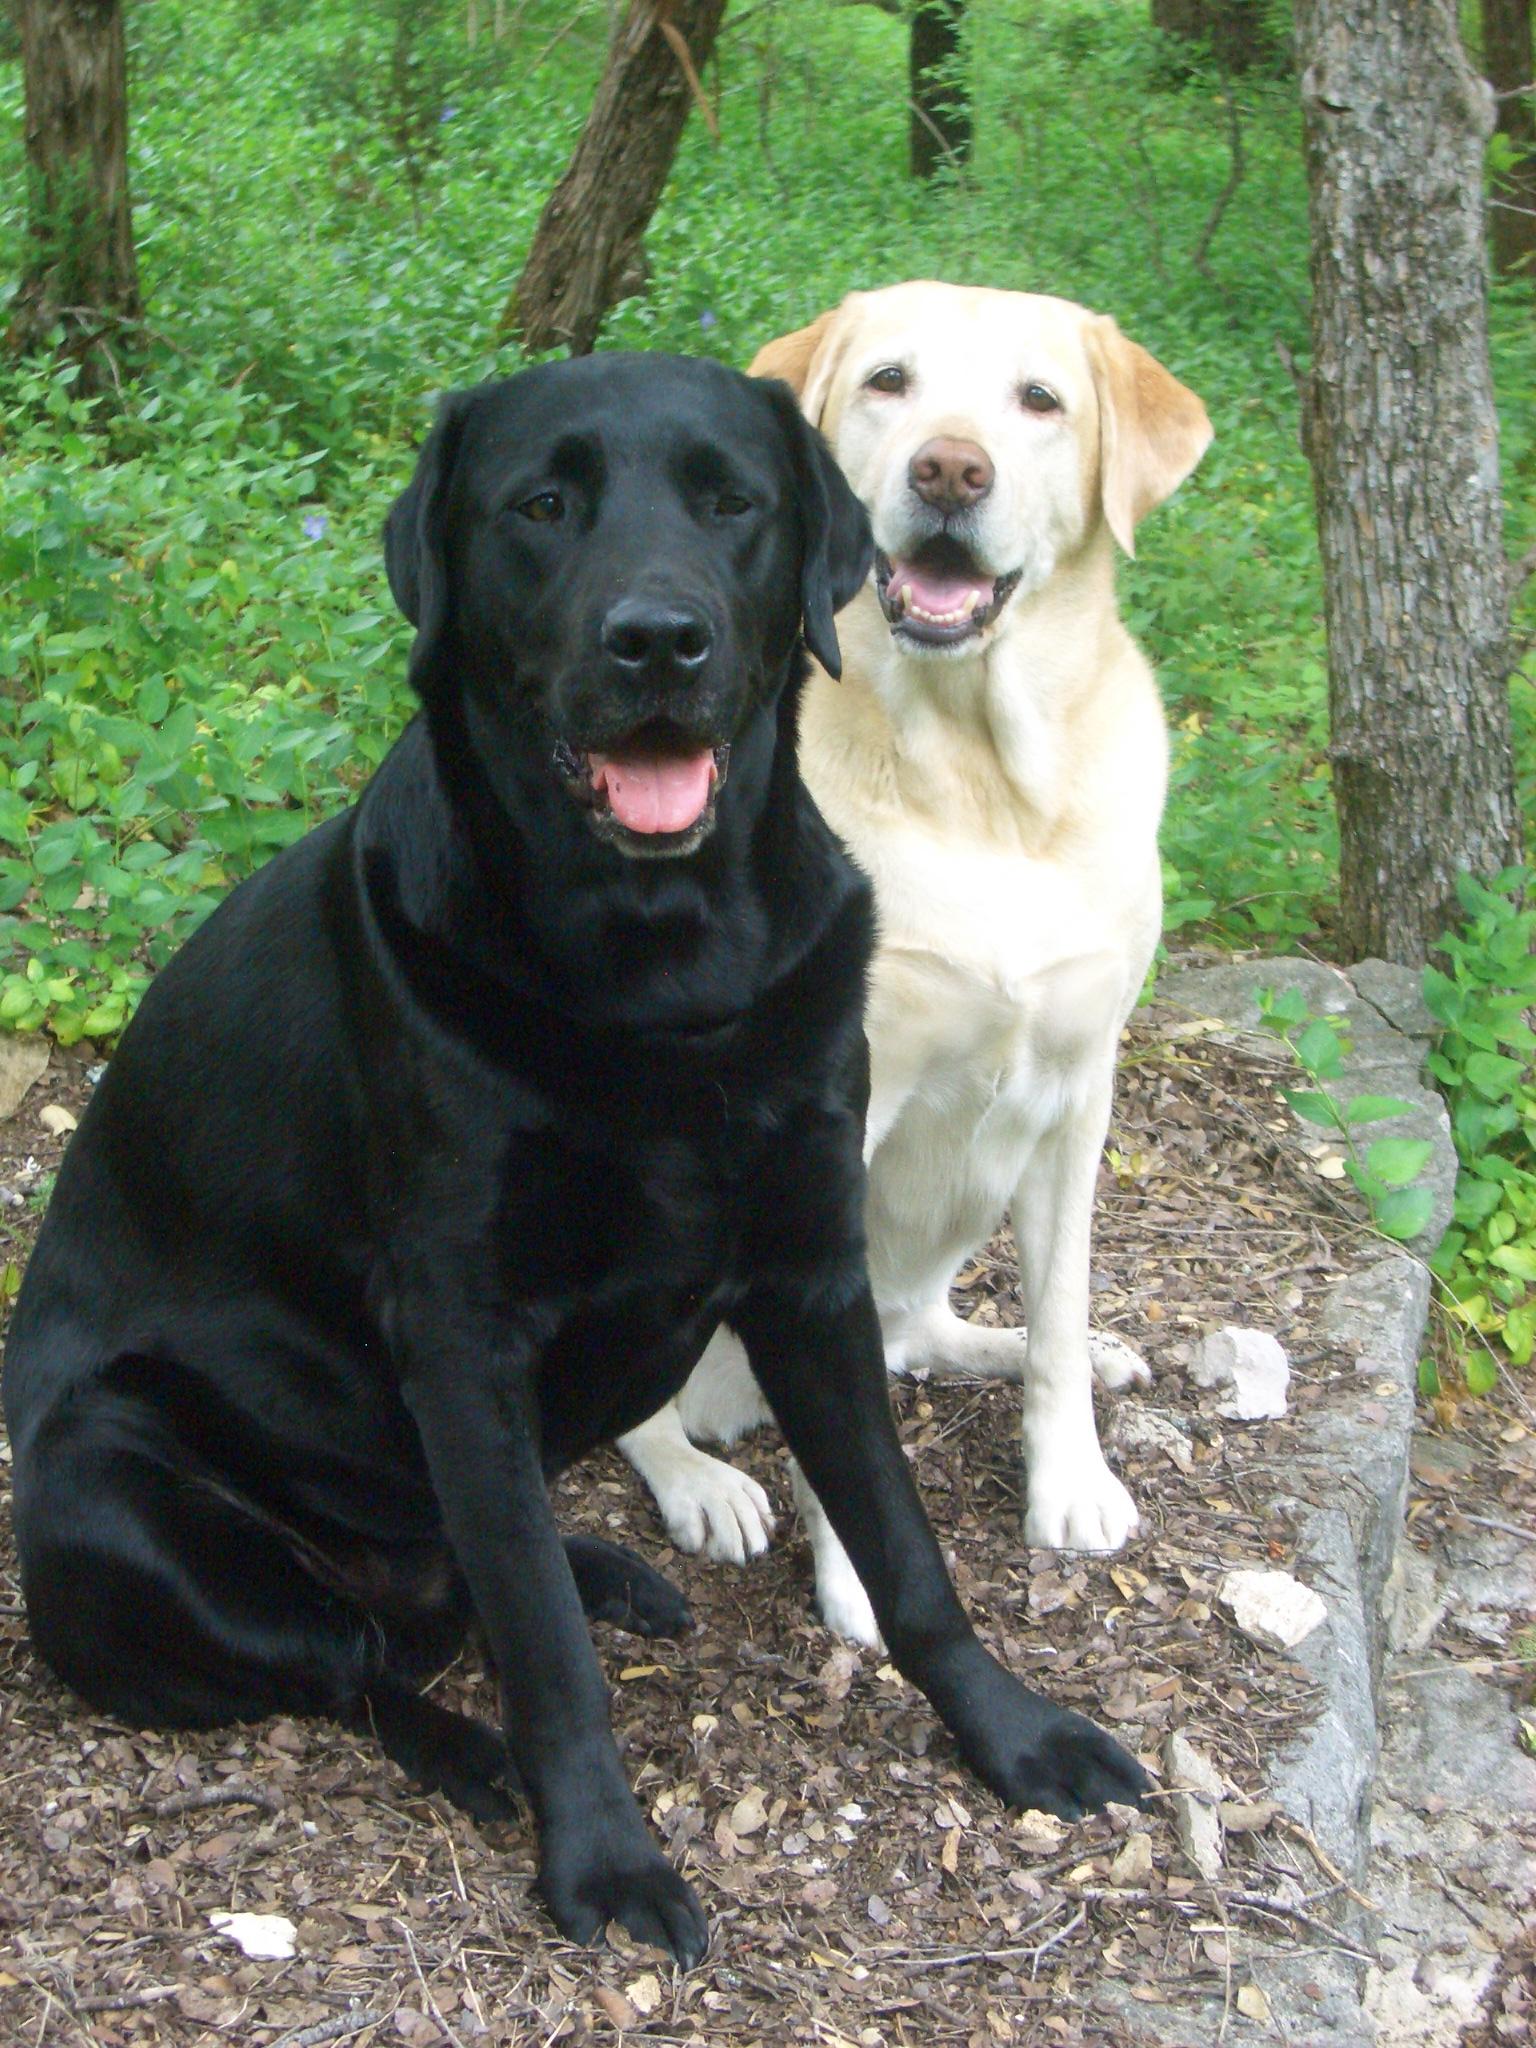 Hình ảnh chó đen và chó trắng đẹp